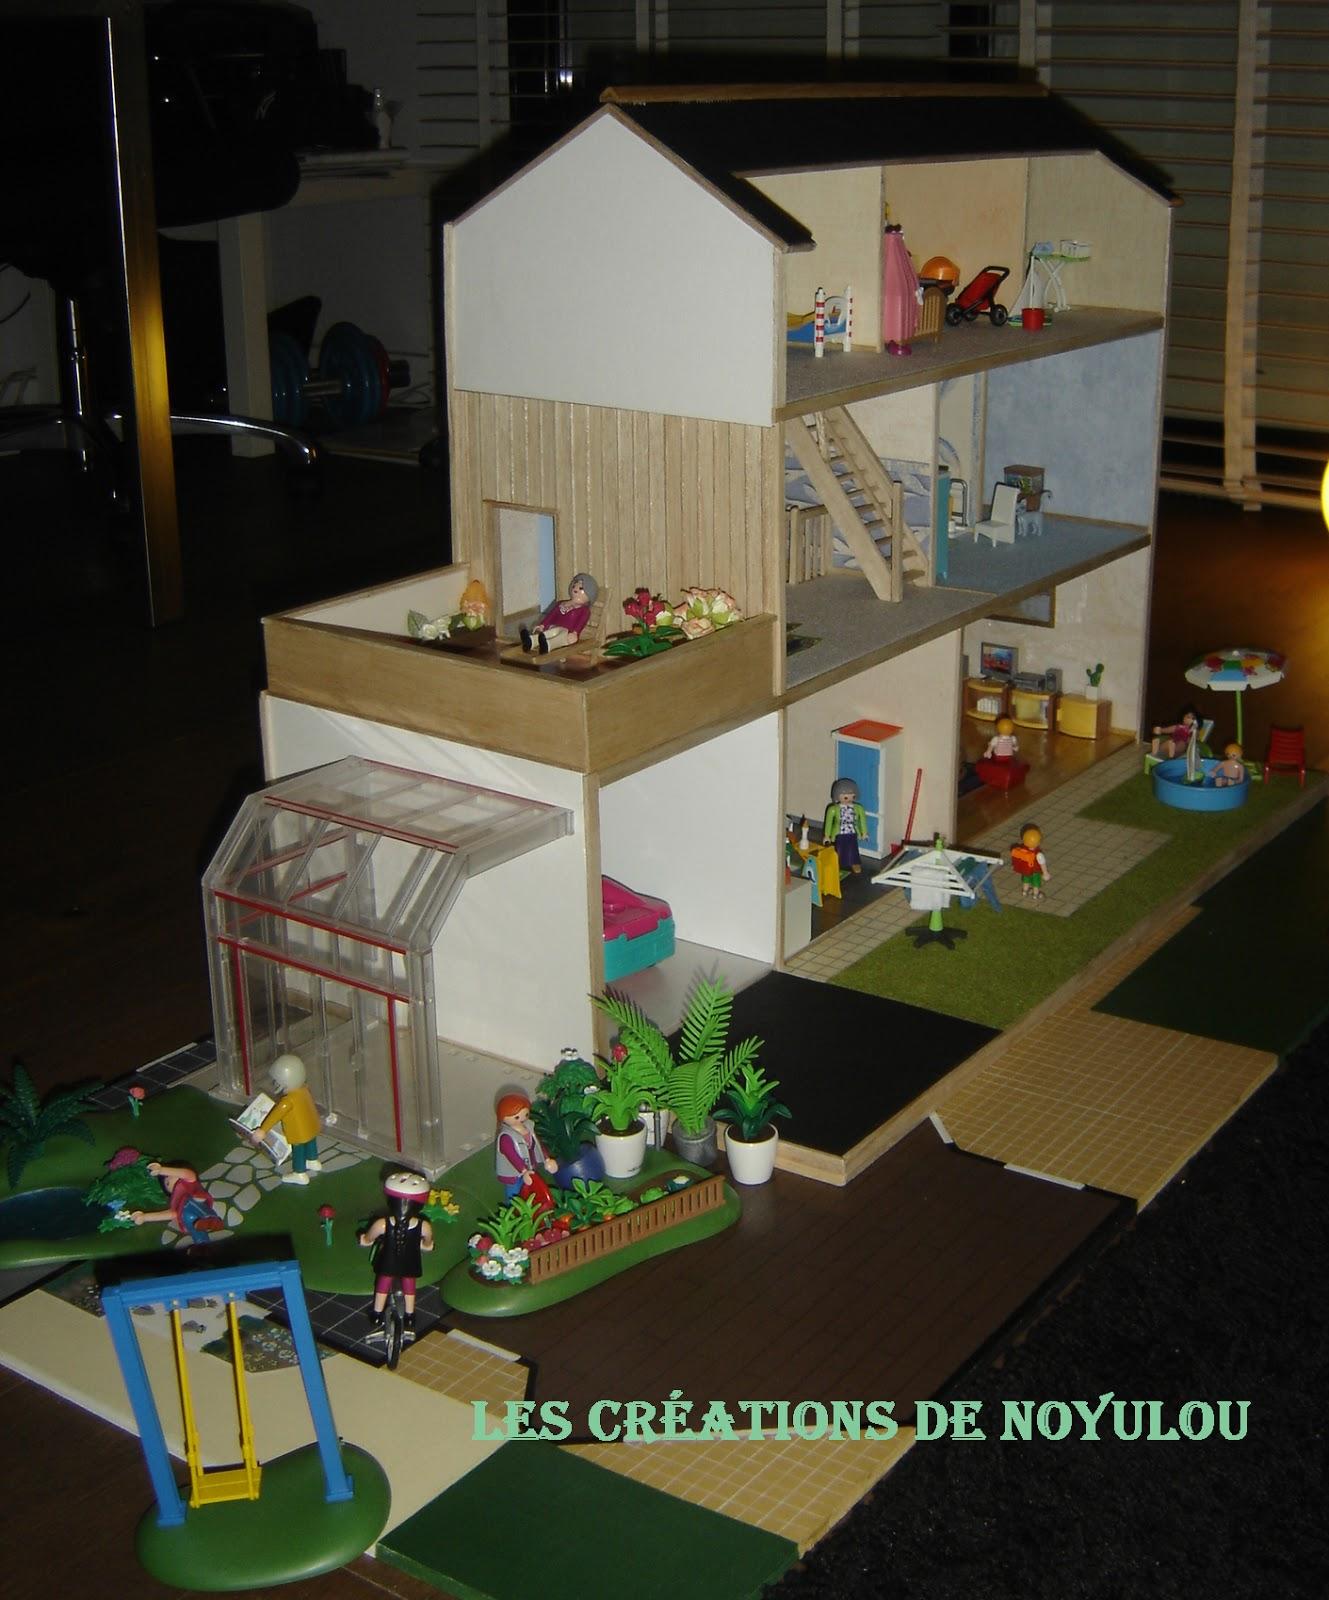 Construire maison playmobil - Plan maison de campagne playmobil ...